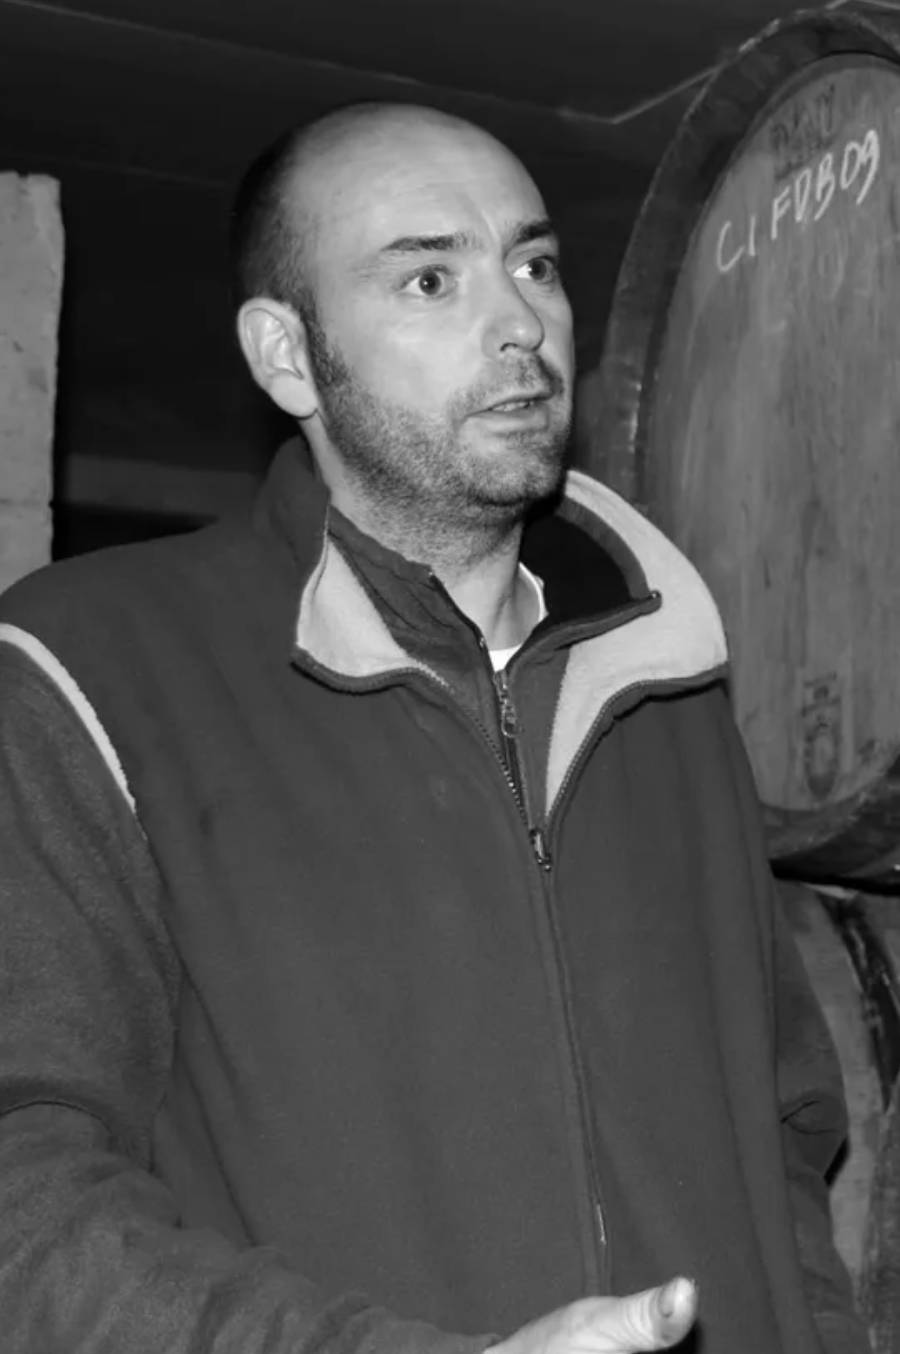 france, vin nature, rawwine, organic wine, vin bio, vin sans intrants, bistro brute, vin rouge, vin blanc, rouge, blanc, nature, vin propre, vigneron, vigneron indépendant, domaine bio, biodynamie, vigneron nature , xavier braujou, domaine la terrasse d'élise, mourvèdre, languedoc, siclène